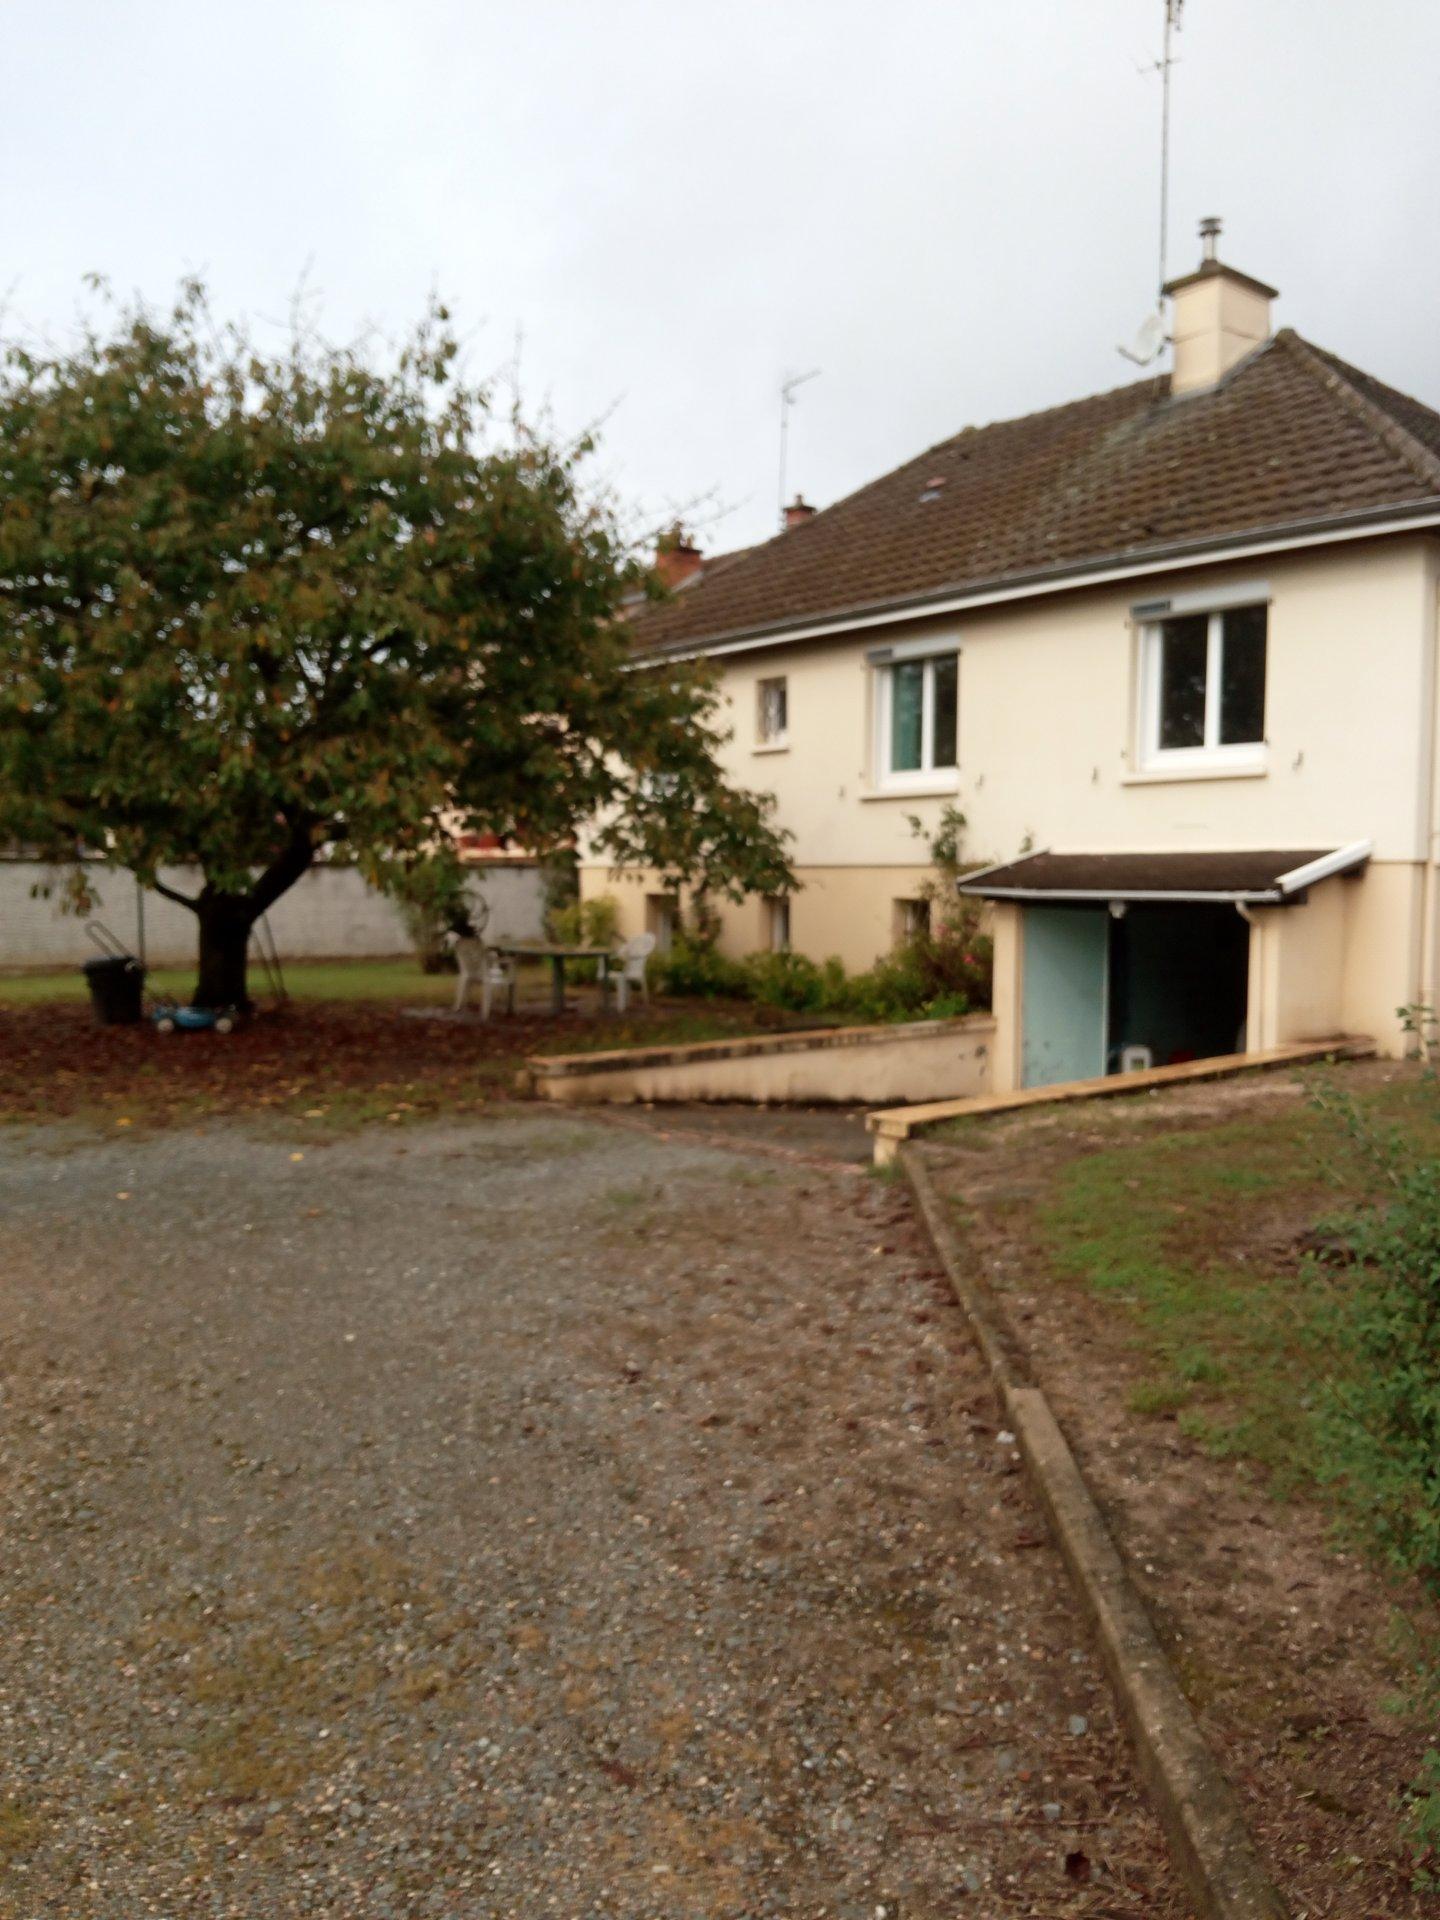 Location Maison de ville - Digoin